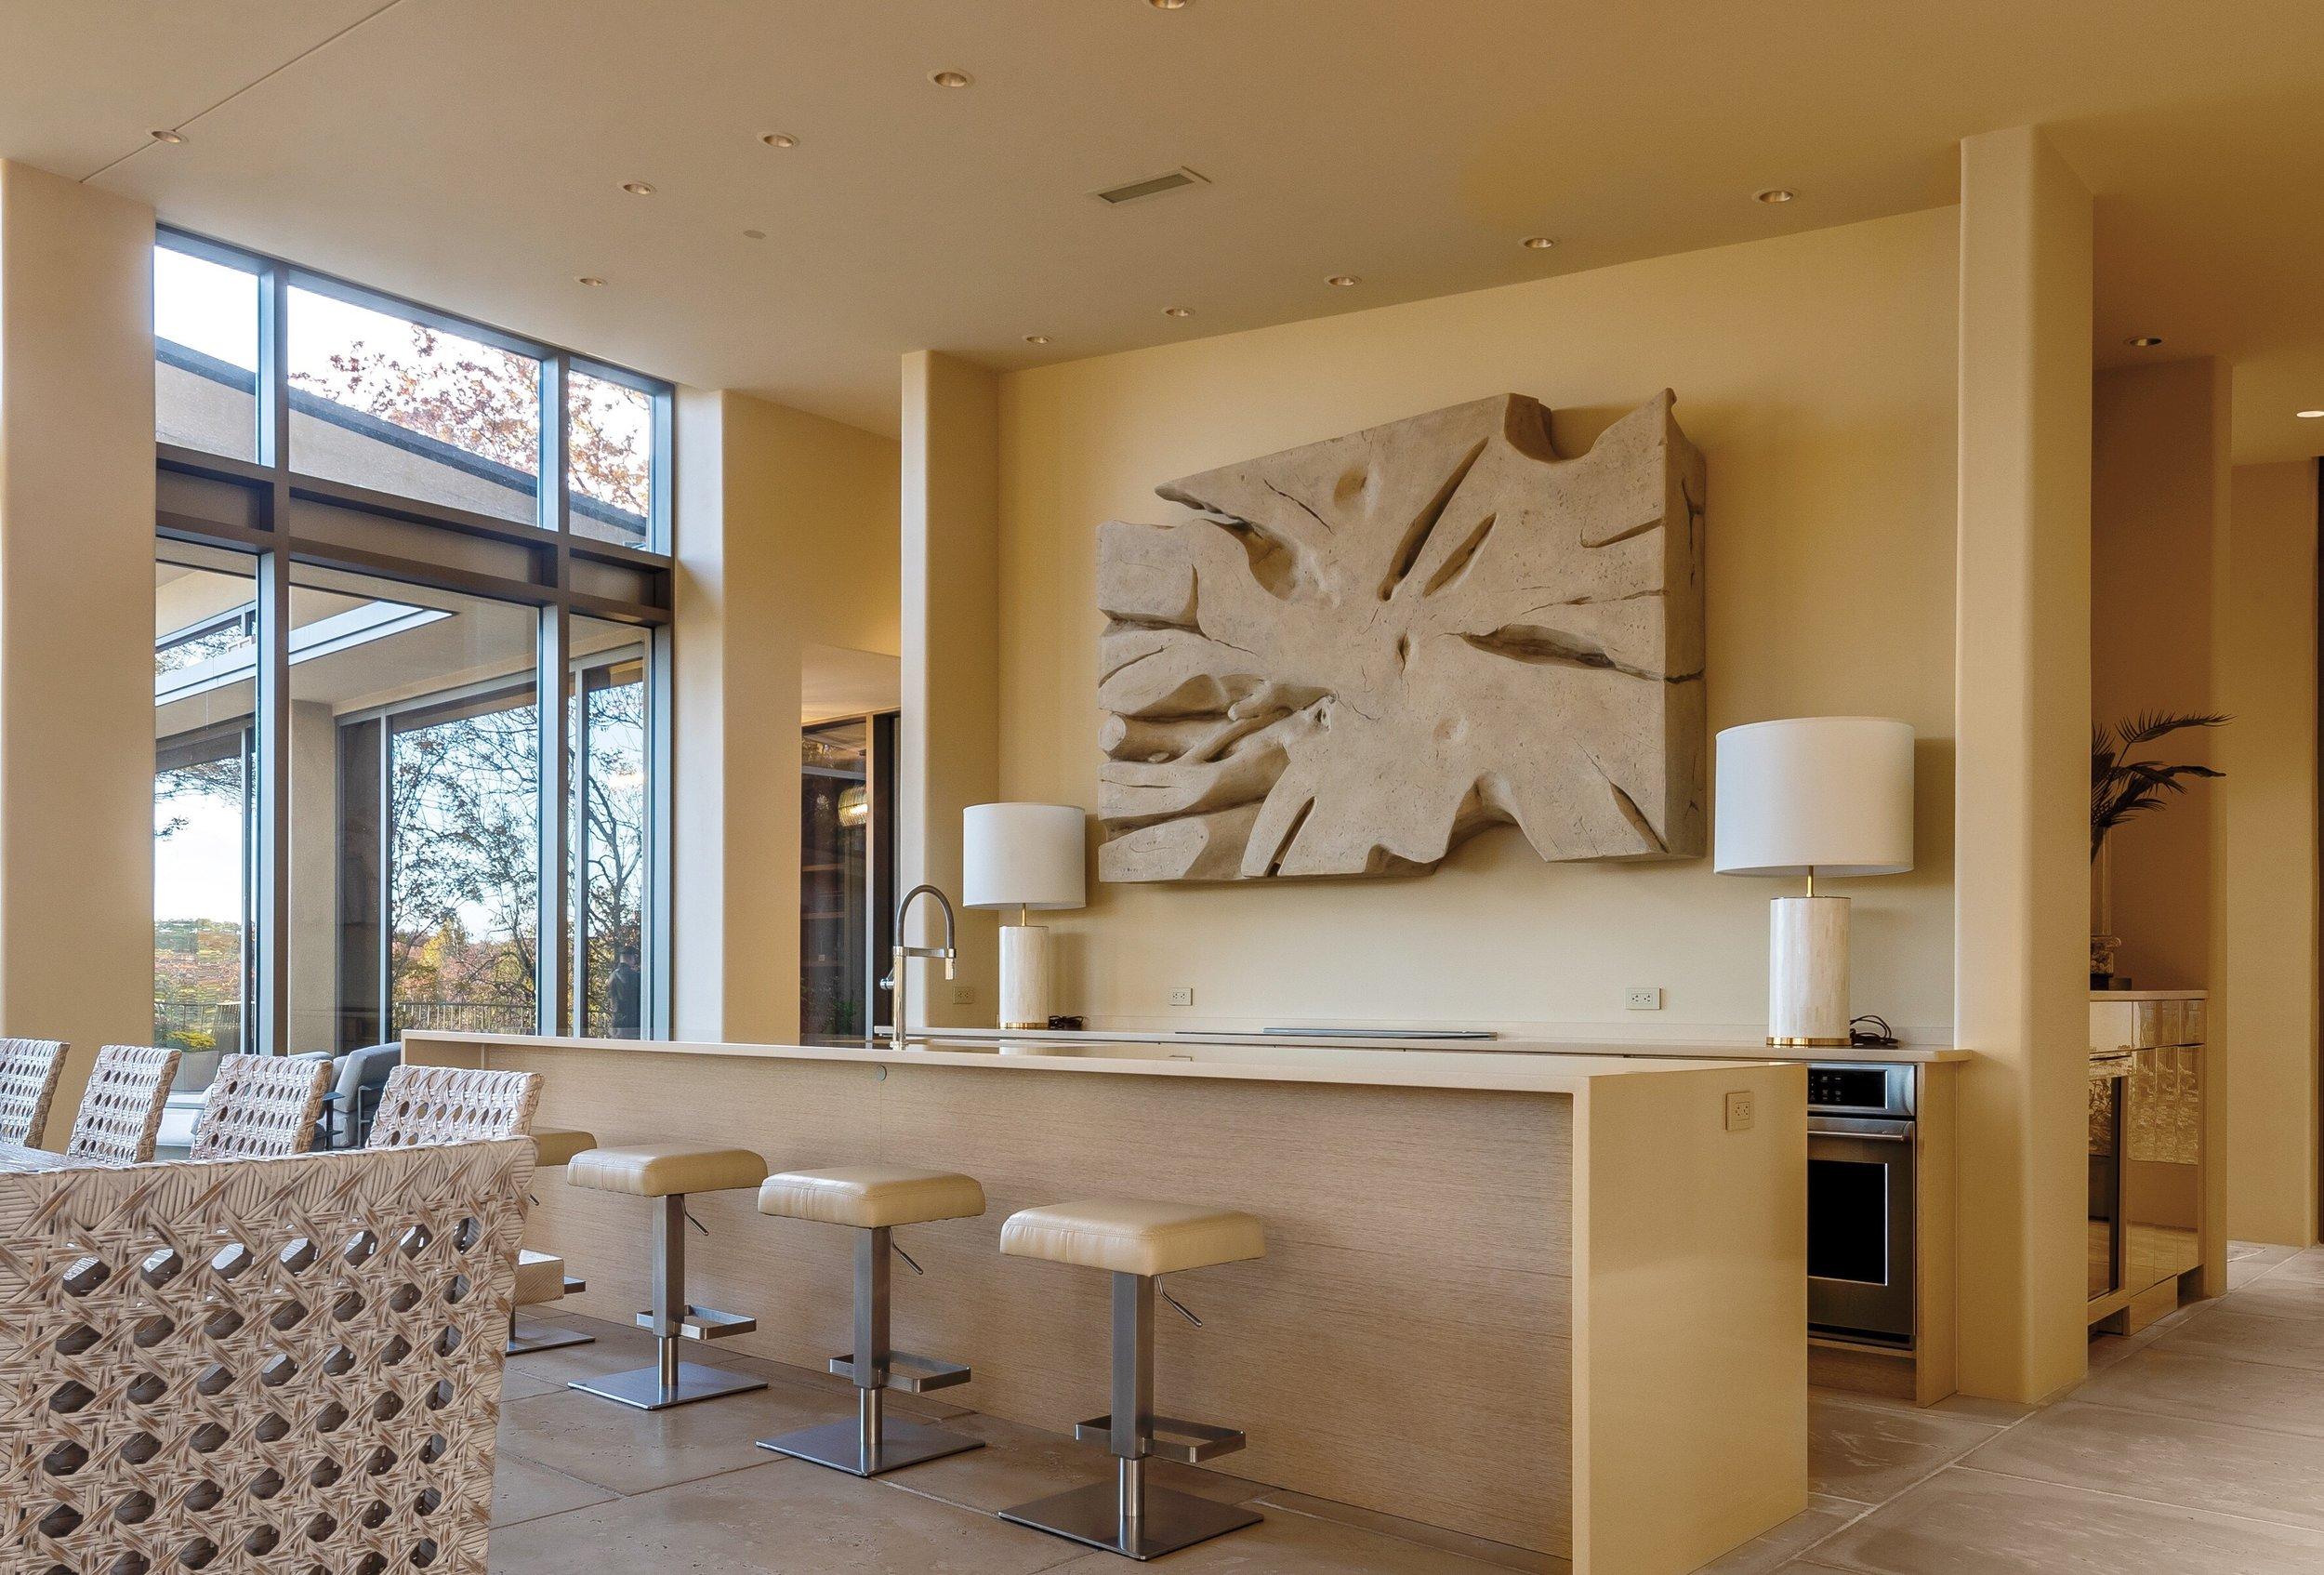 Miller Res Kitchen.jpg